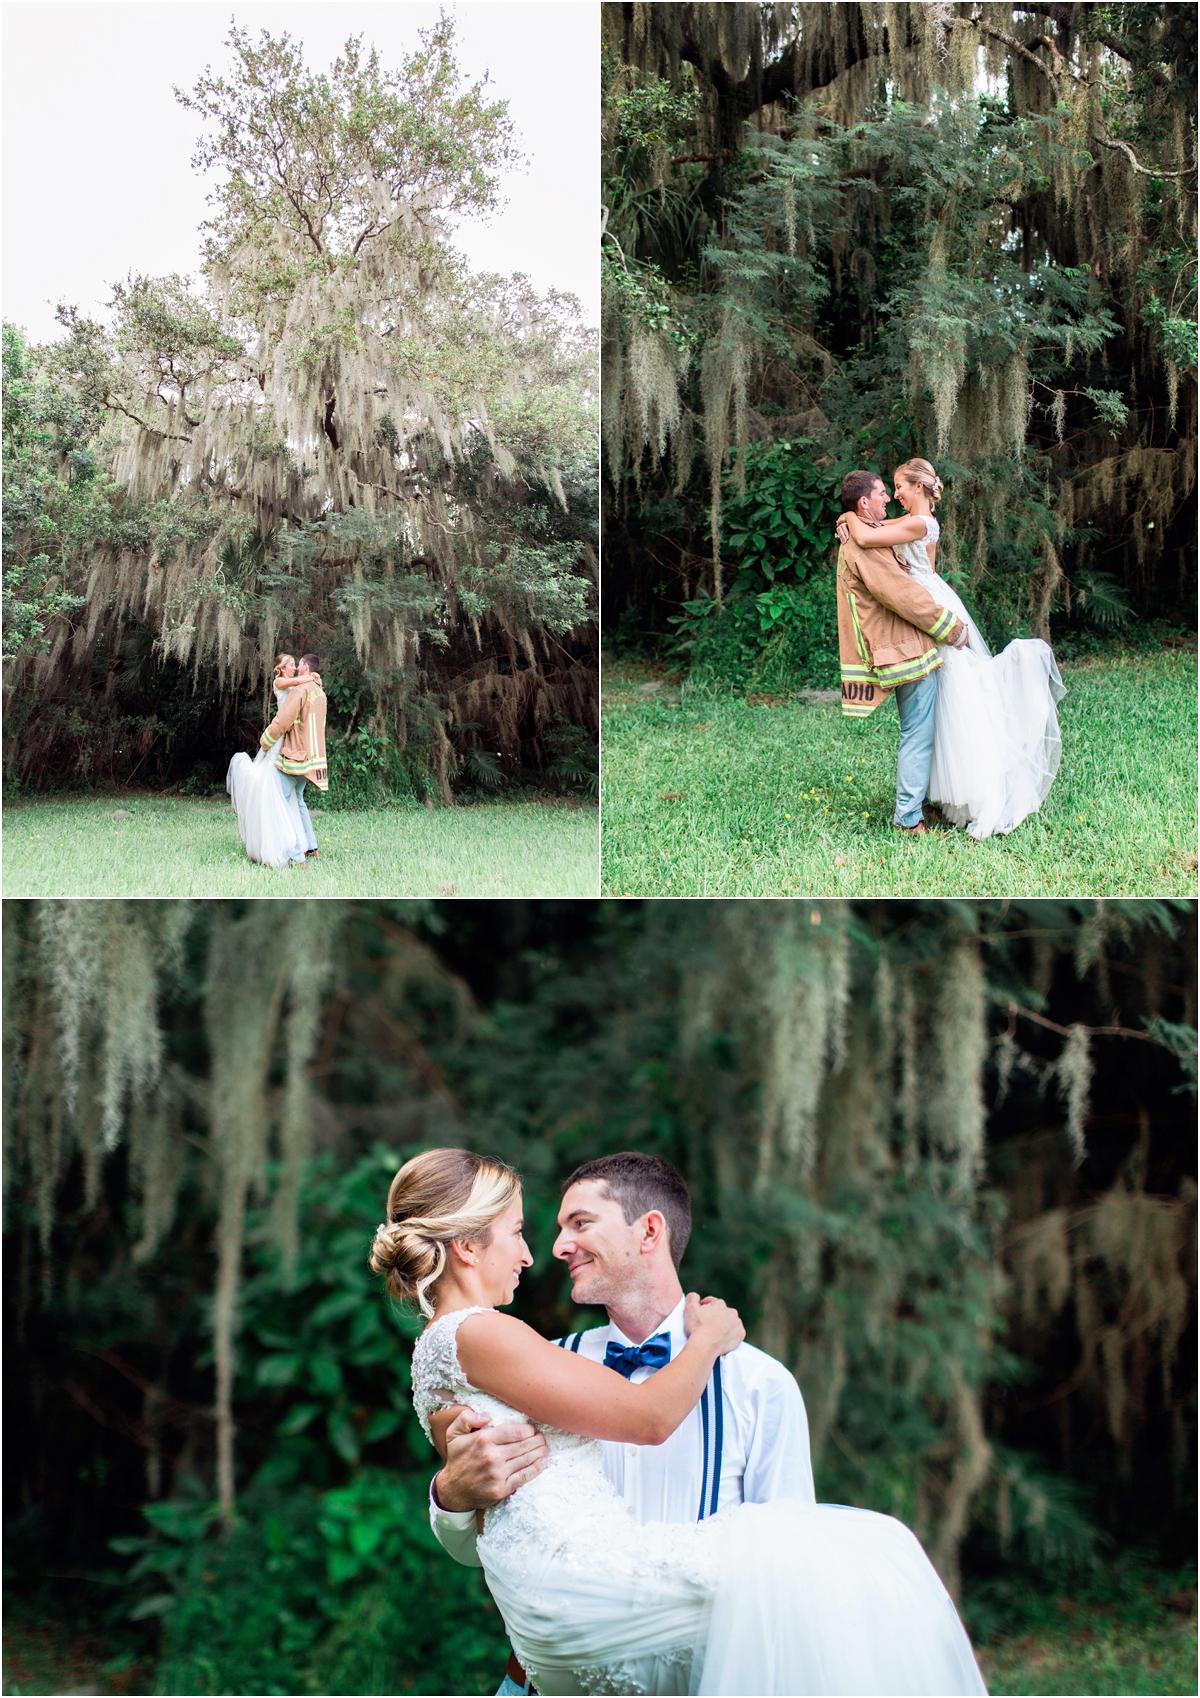 Waldos-Secret-Garden-Wedding-Photos-Vero_0023